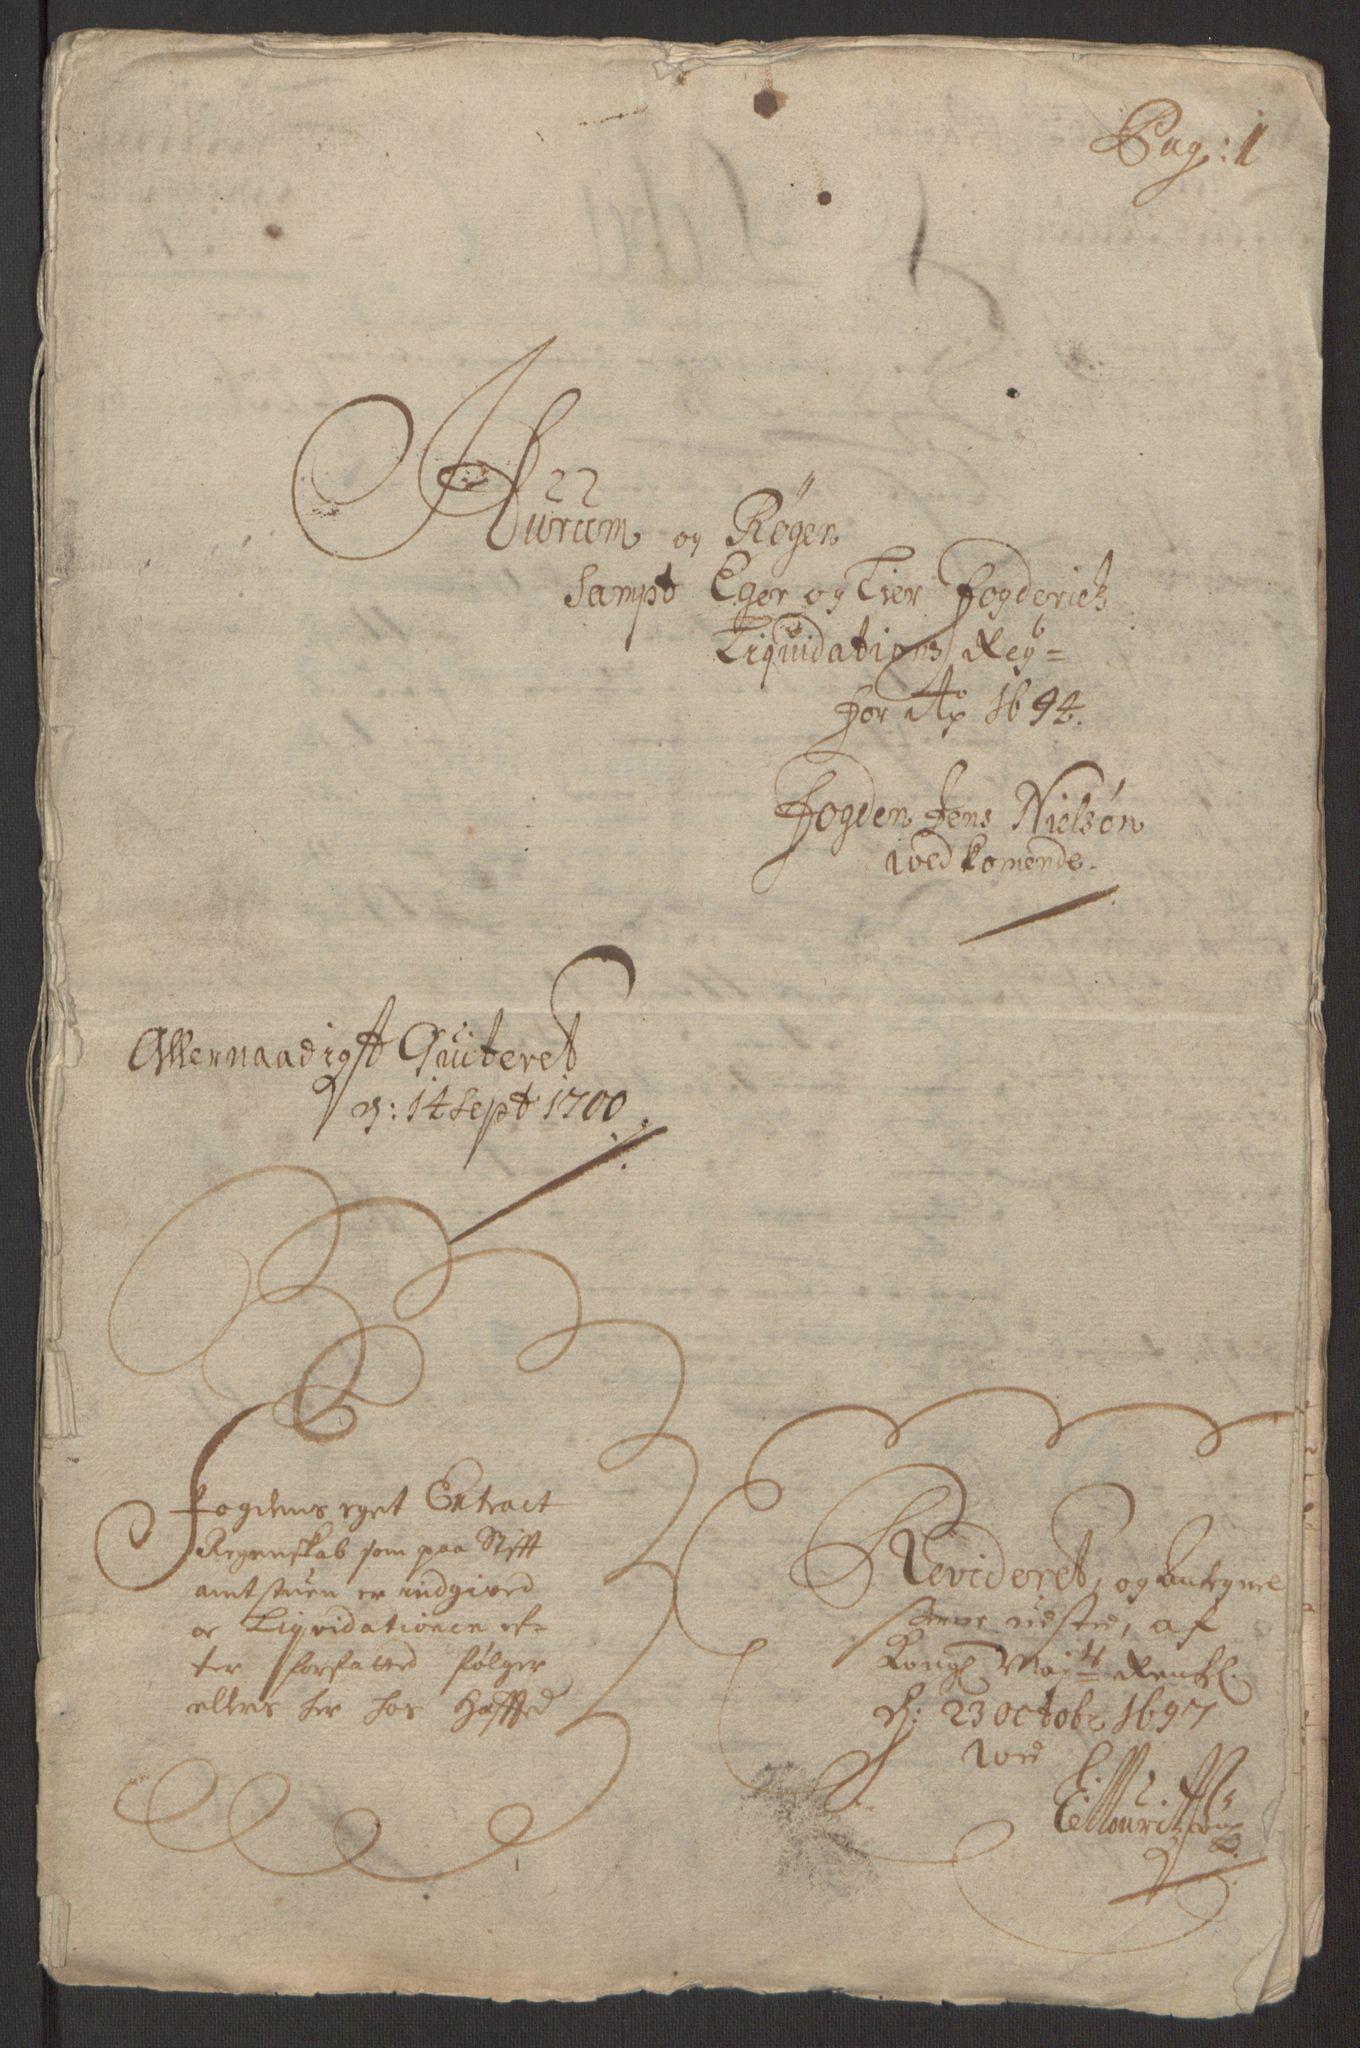 RA, Rentekammeret inntil 1814, Reviderte regnskaper, Fogderegnskap, R30/L1694: Fogderegnskap Hurum, Røyken, Eiker og Lier, 1694-1696, s. 3